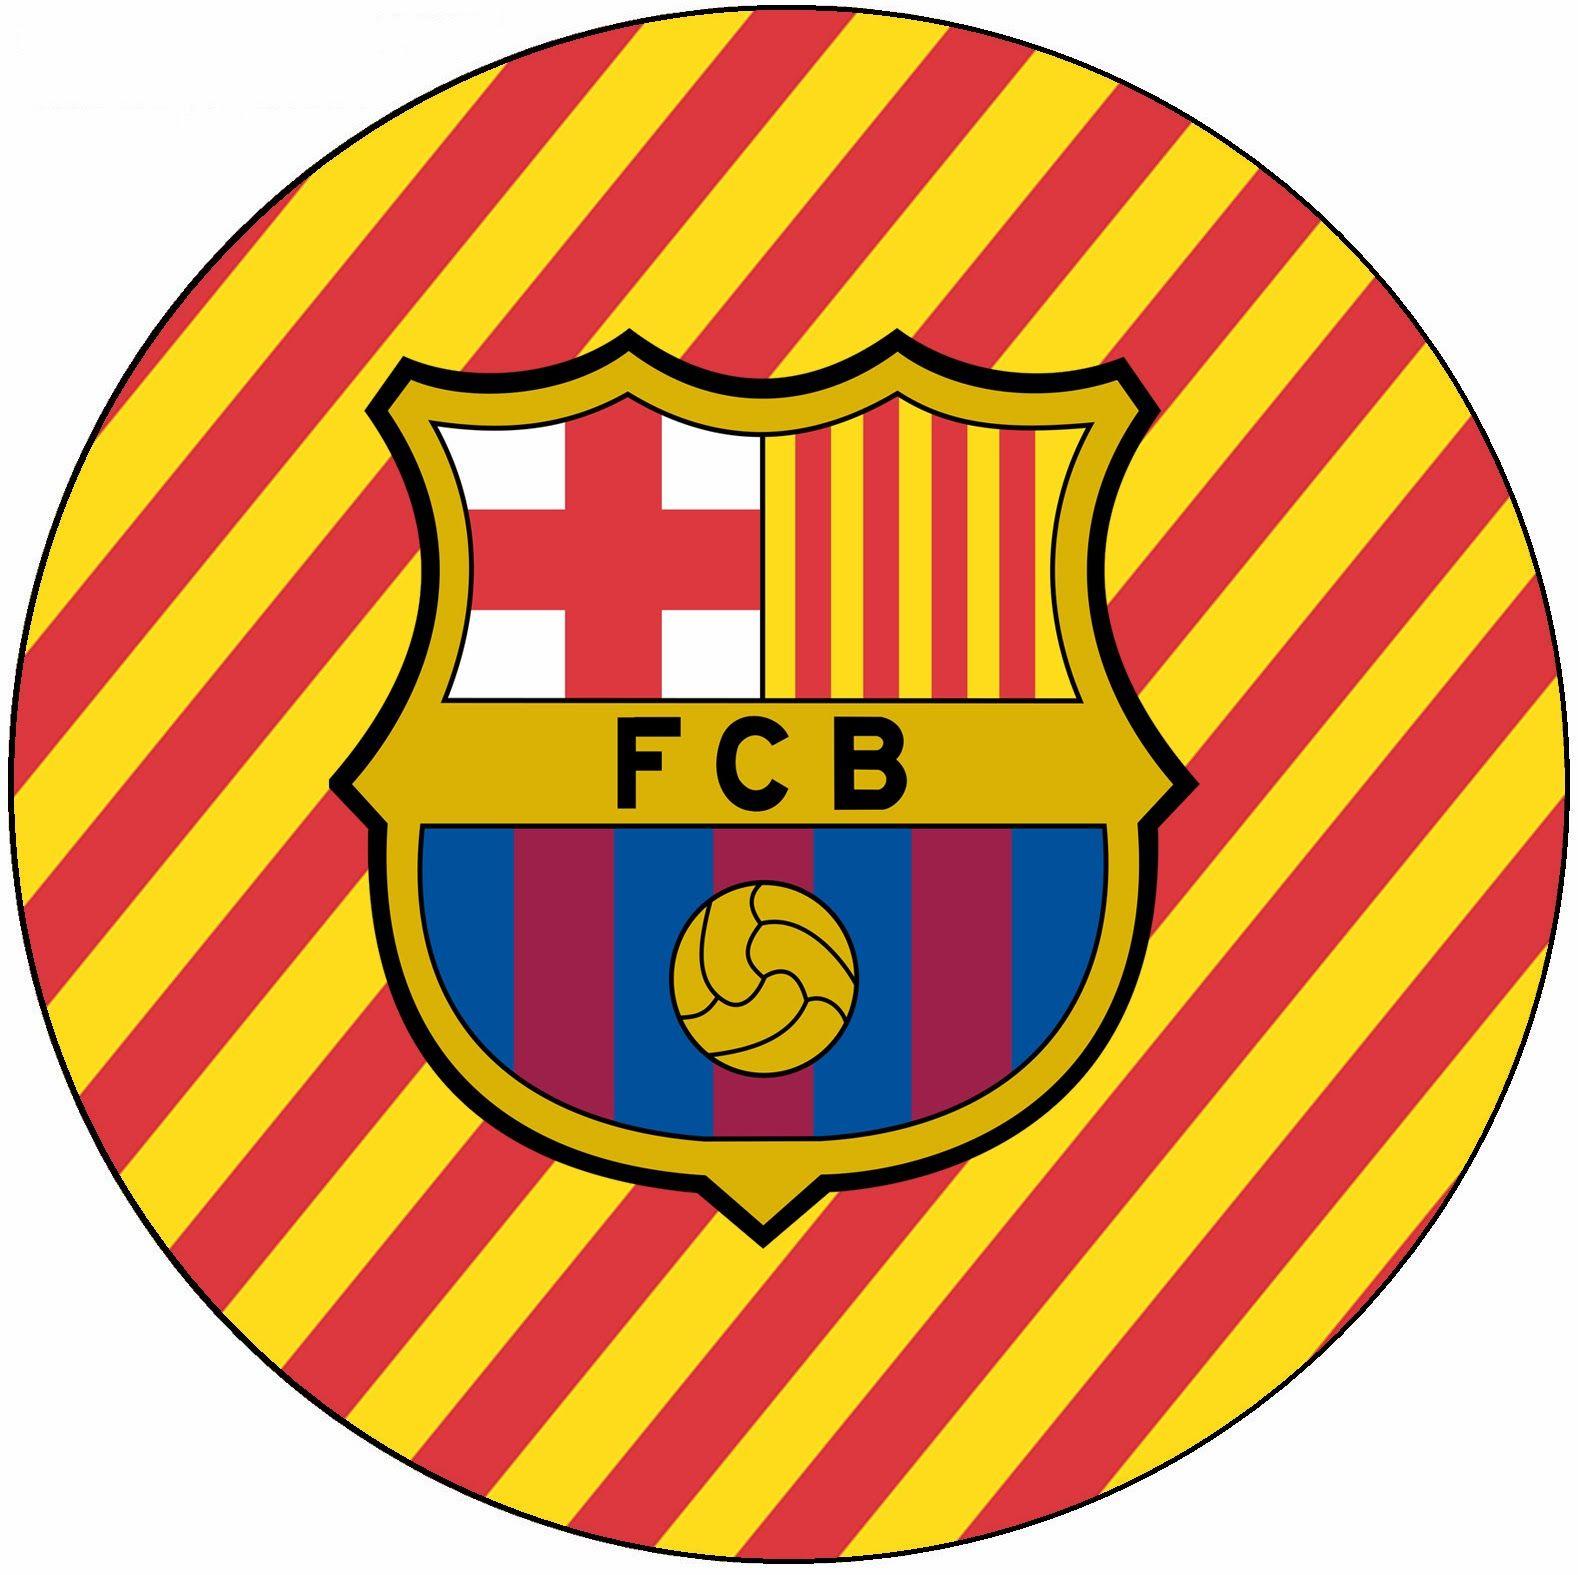 kits de dream l dream league soccer logos f c barcelona